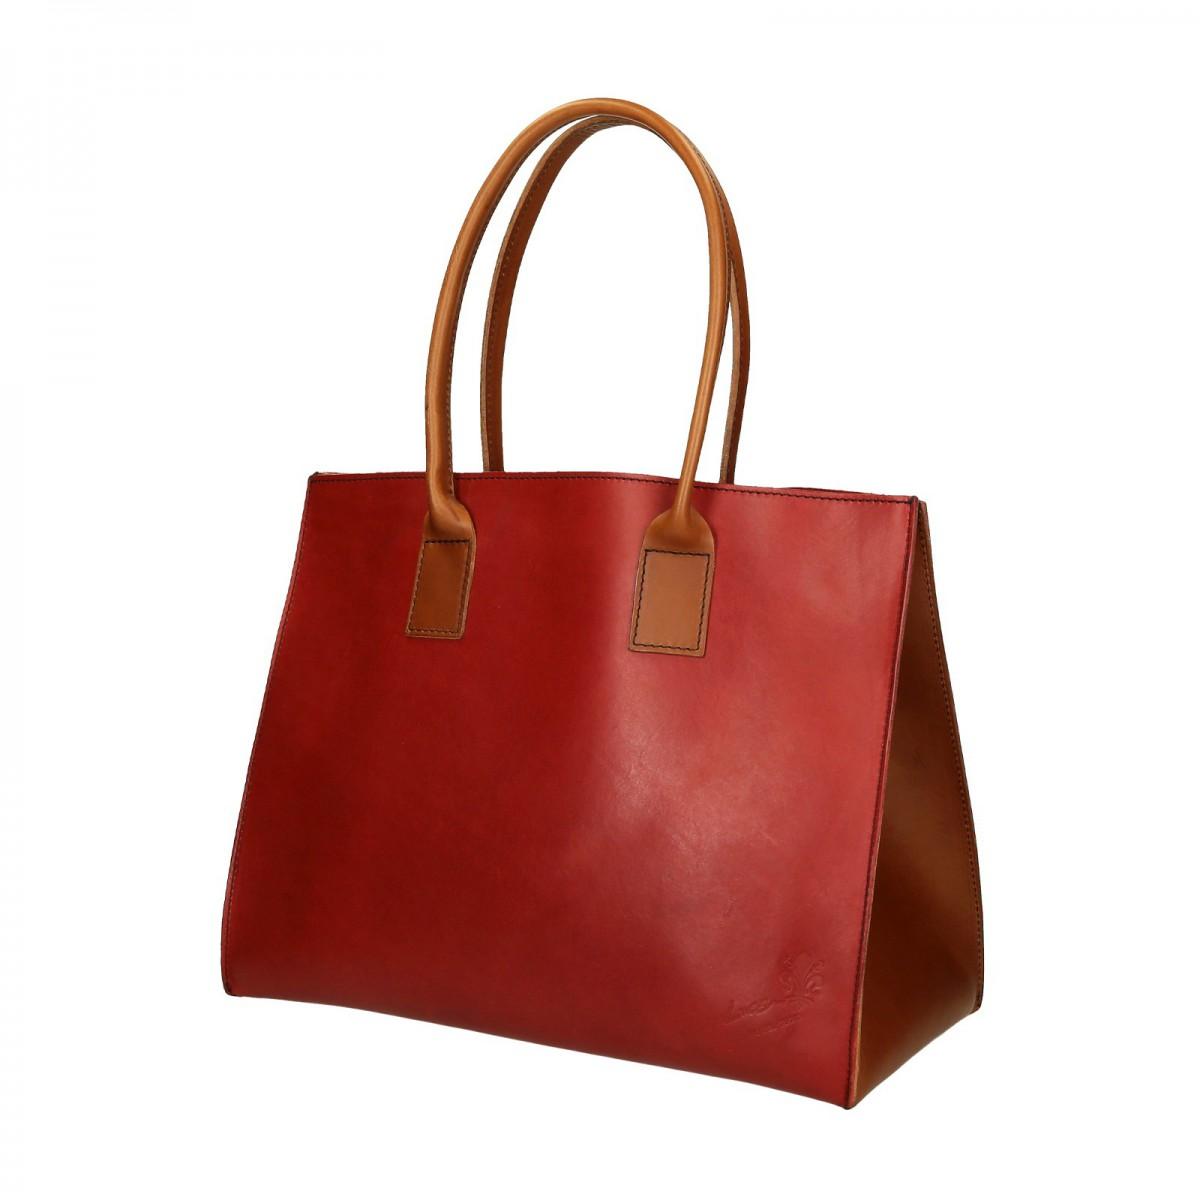 6885bfae5cc98 Tan Leather Tote Bag